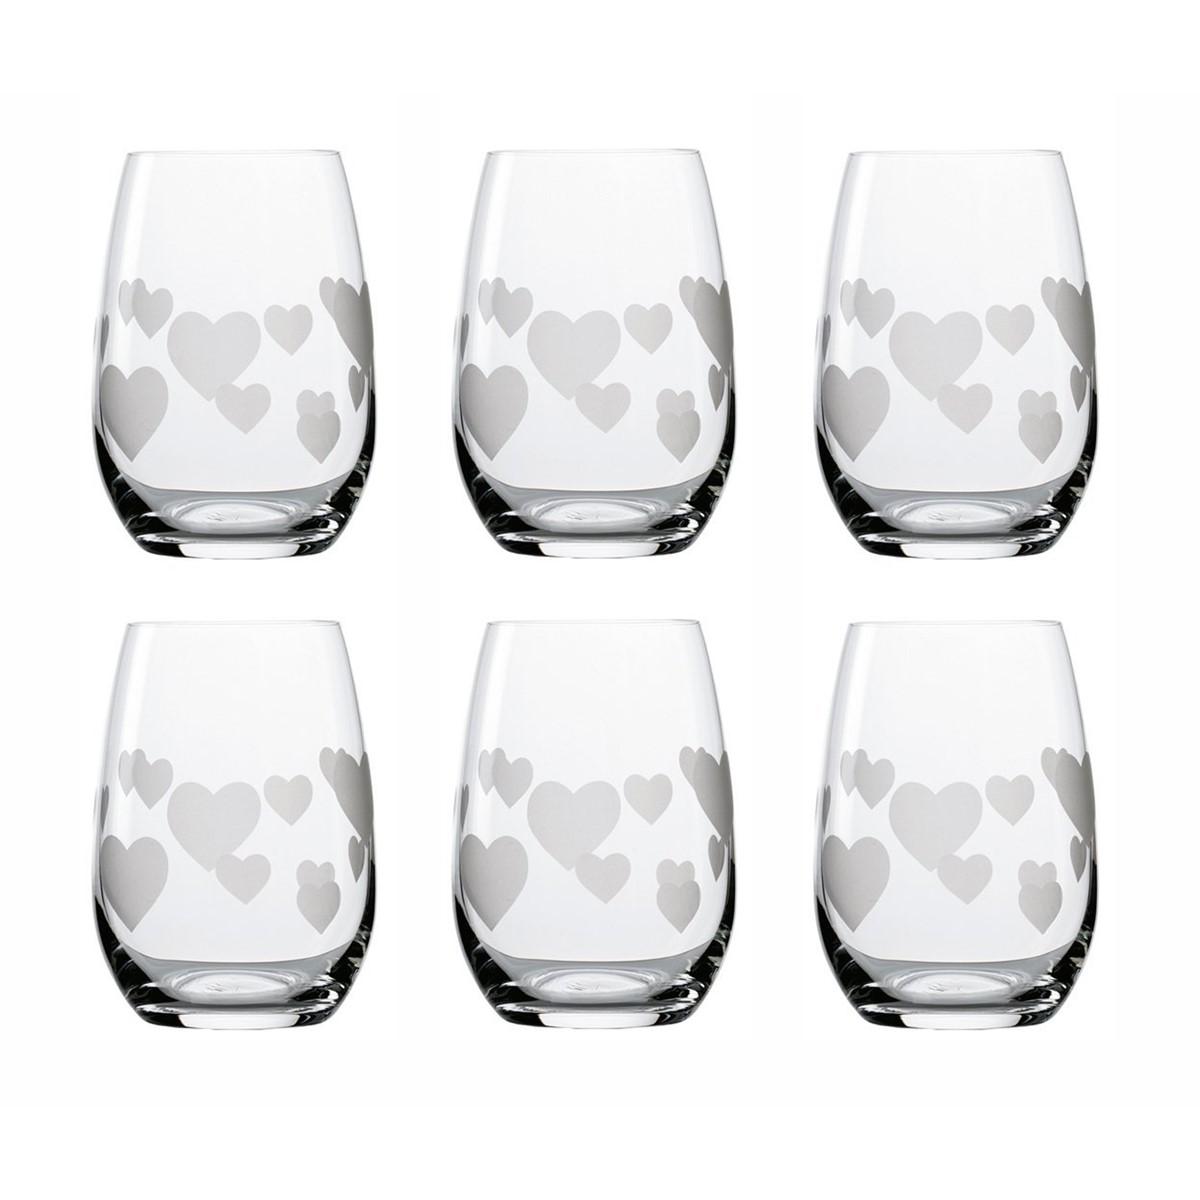 Glas L'Amour, 6Stk Trinkgläser (Becher) mit Herzen satiniert, 6Stk Trinkgläser mit Herzen satiniert